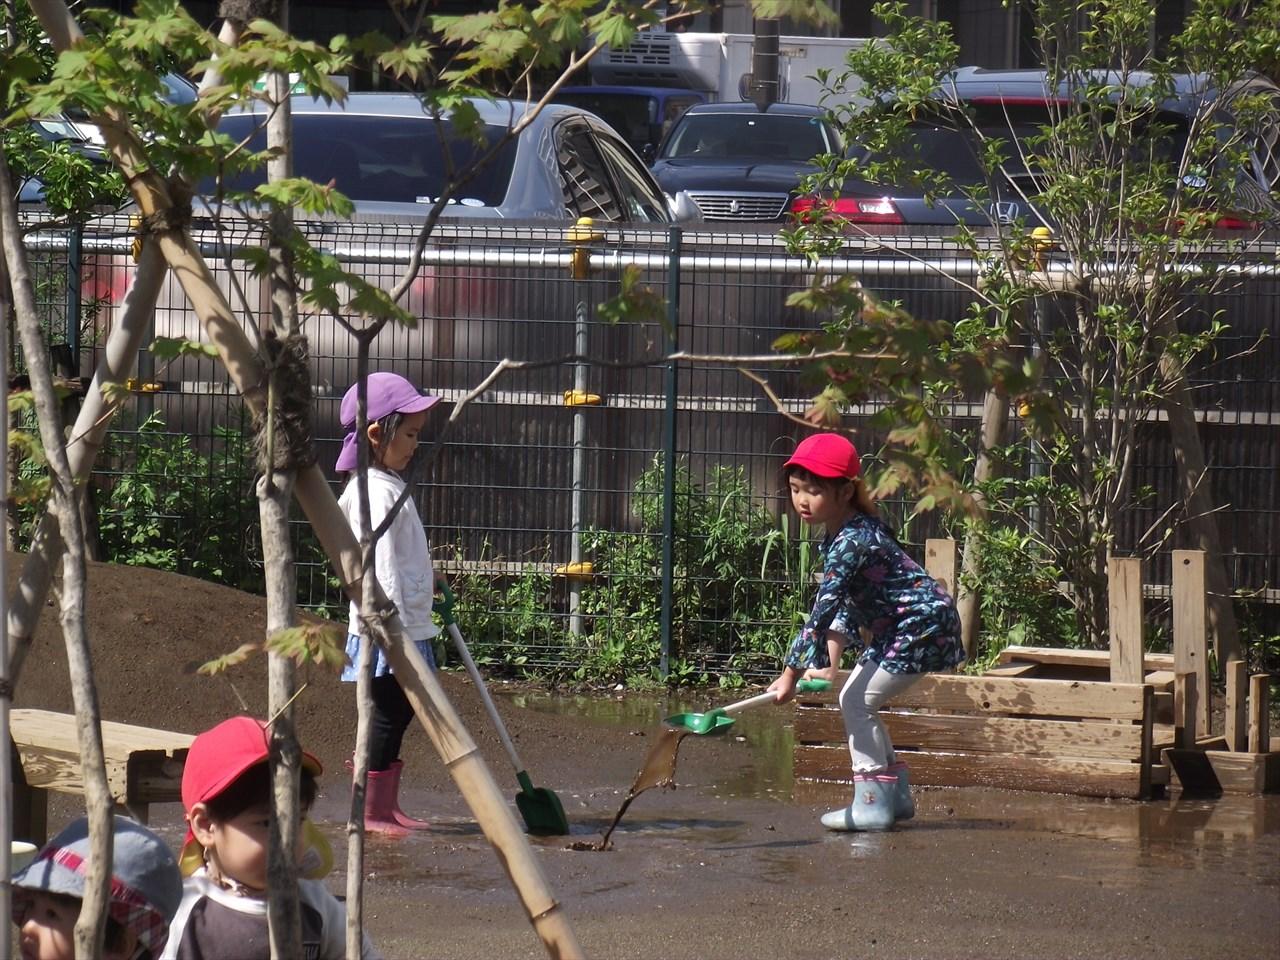 こちらでも・・・自分たちの遊ぶ園庭を、遊びやすいようにしてくれていました。